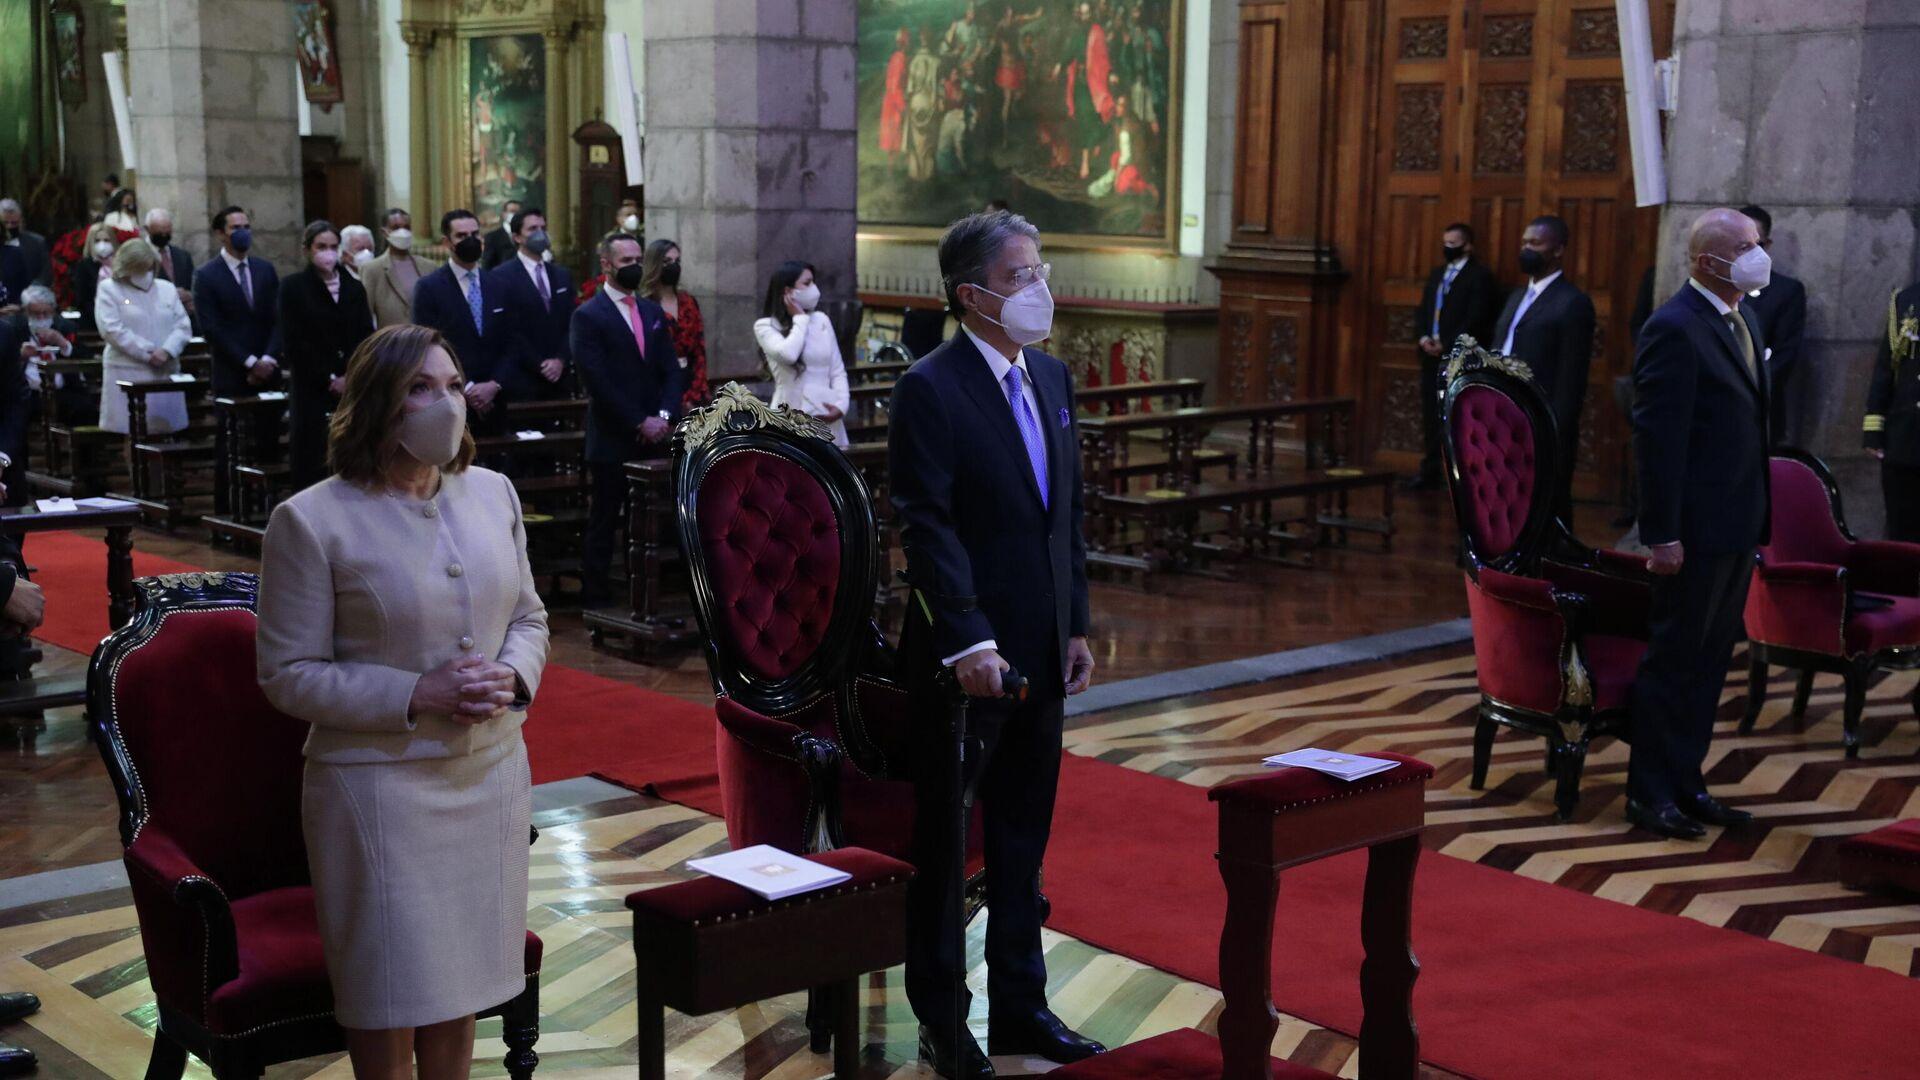 La investidura del nuevo Presidente de Ecuador, Guillermo Lasso - Sputnik Mundo, 1920, 25.05.2021